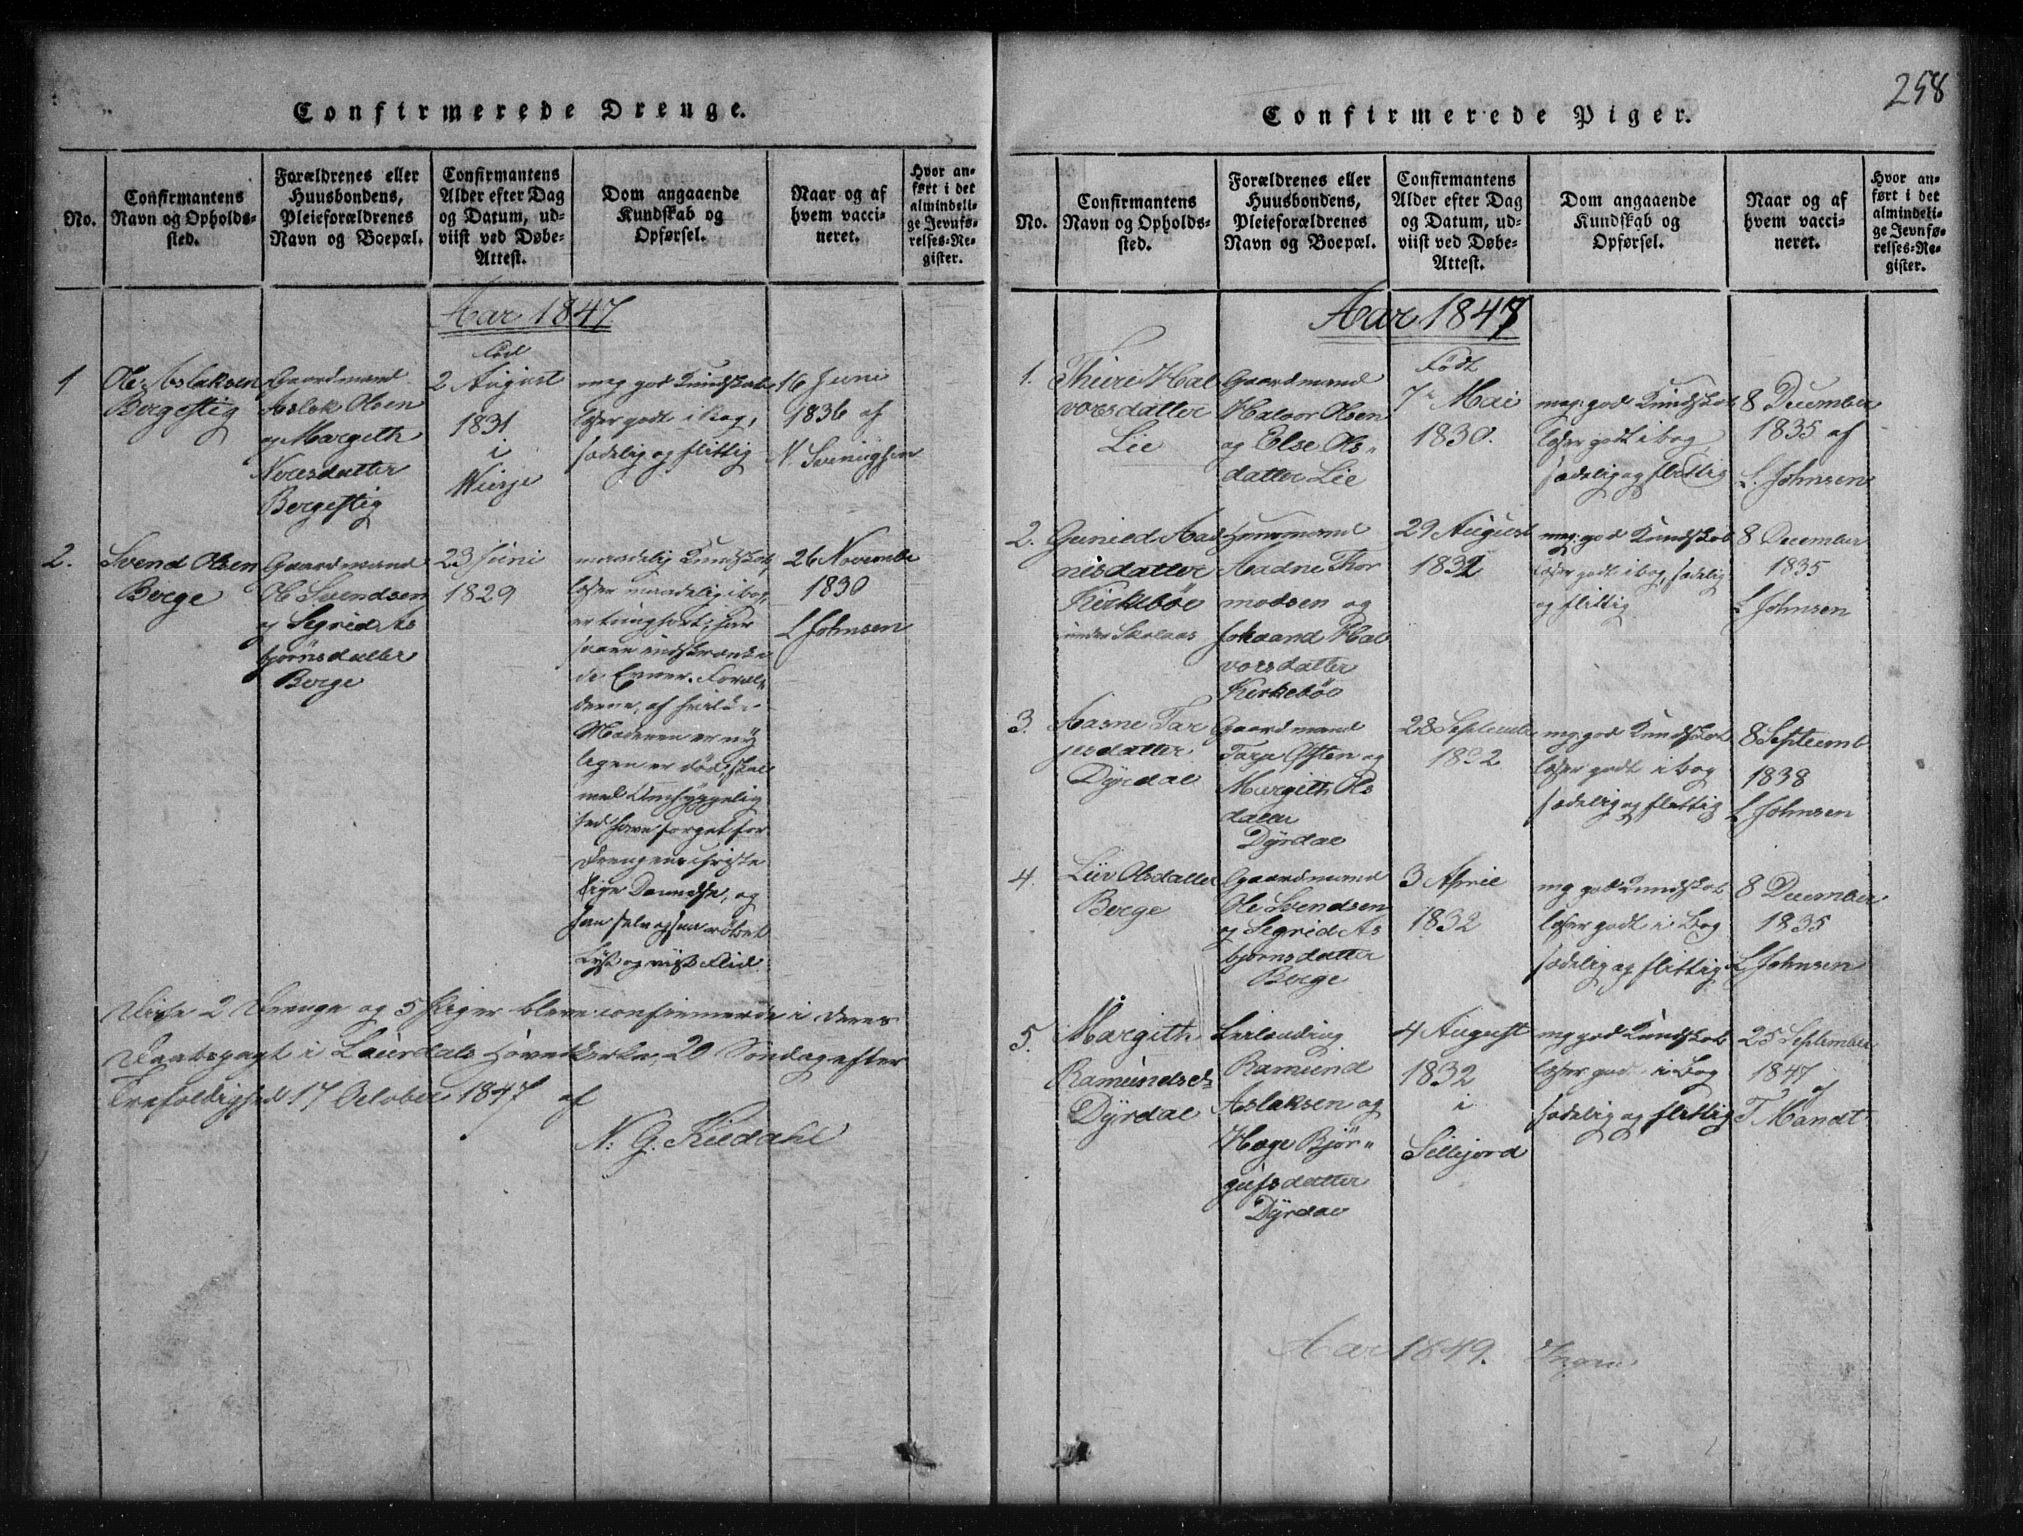 SAKO, Rauland kirkebøker, G/Gb/L0001: Klokkerbok nr. II 1, 1815-1886, s. 258